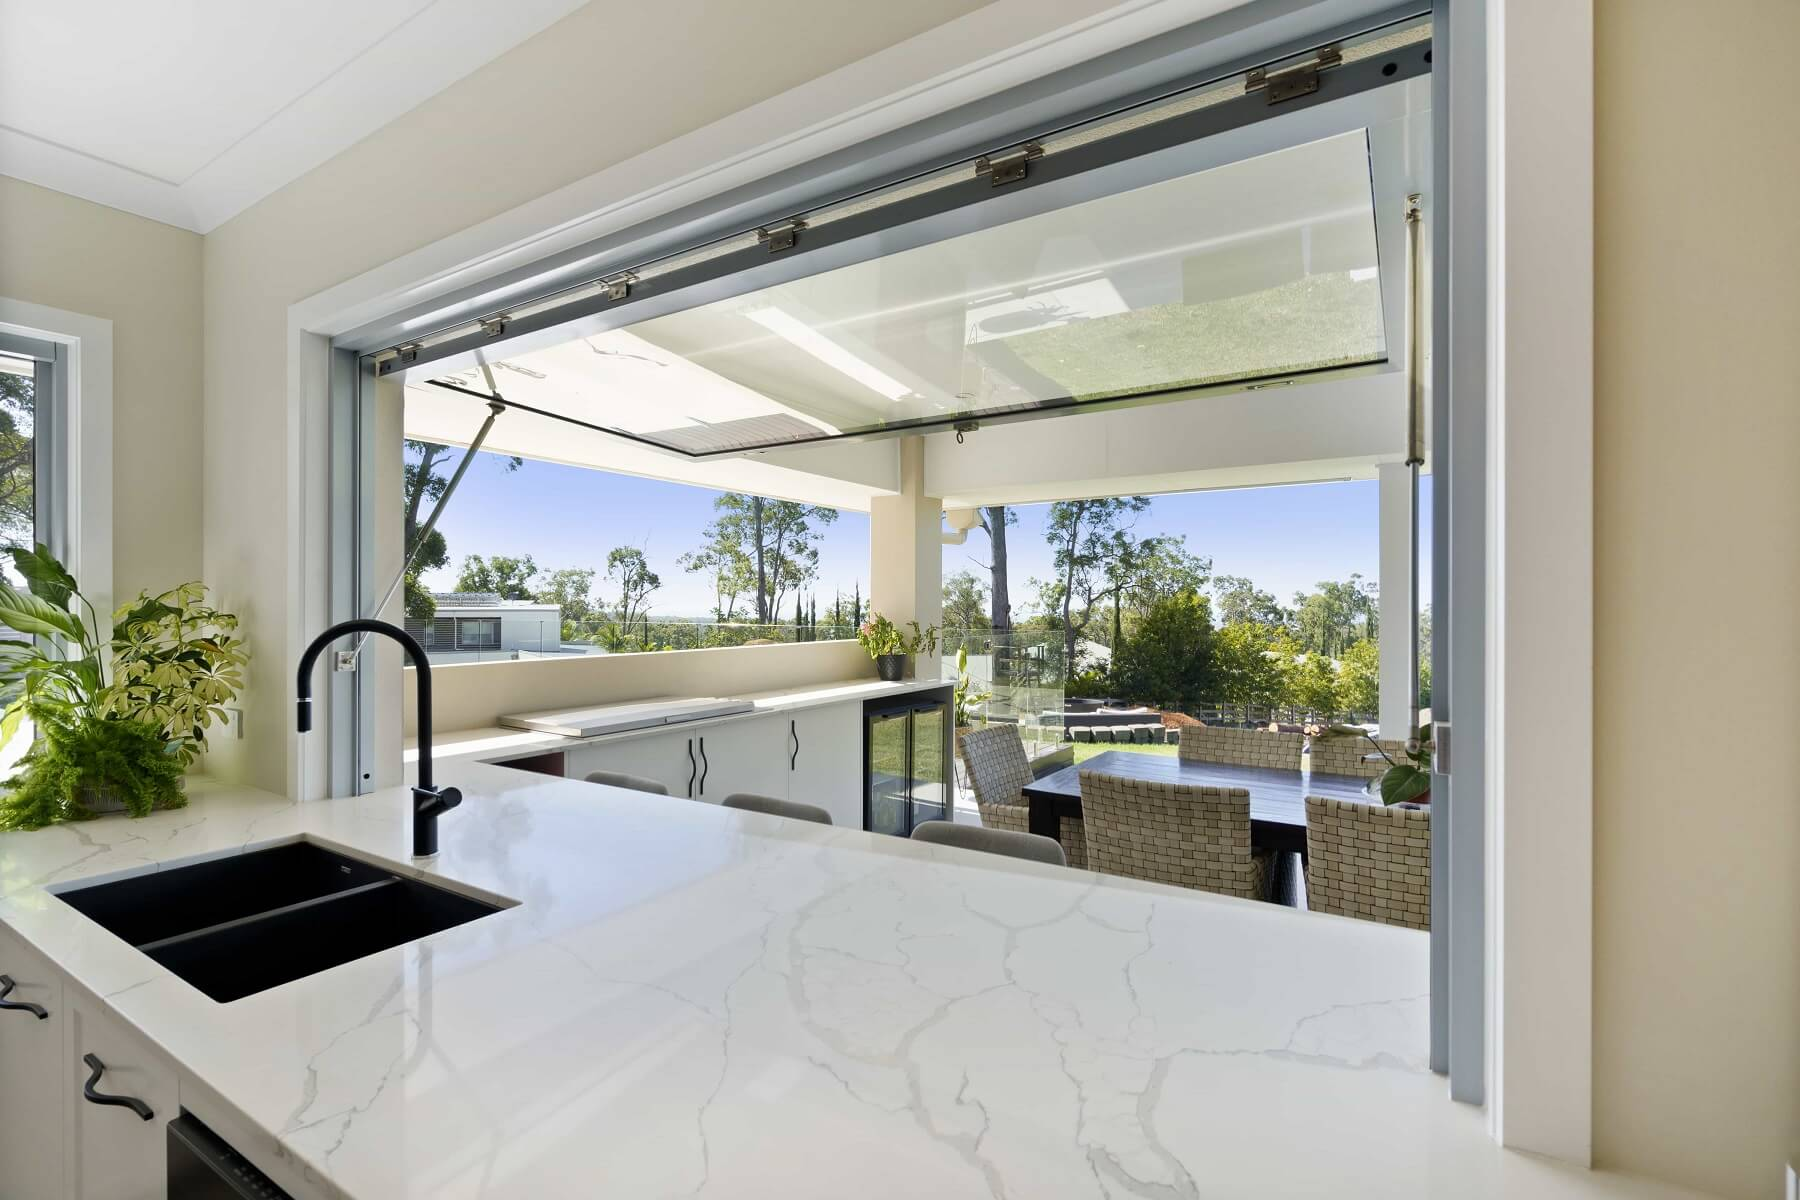 sustainable kitchen renovation